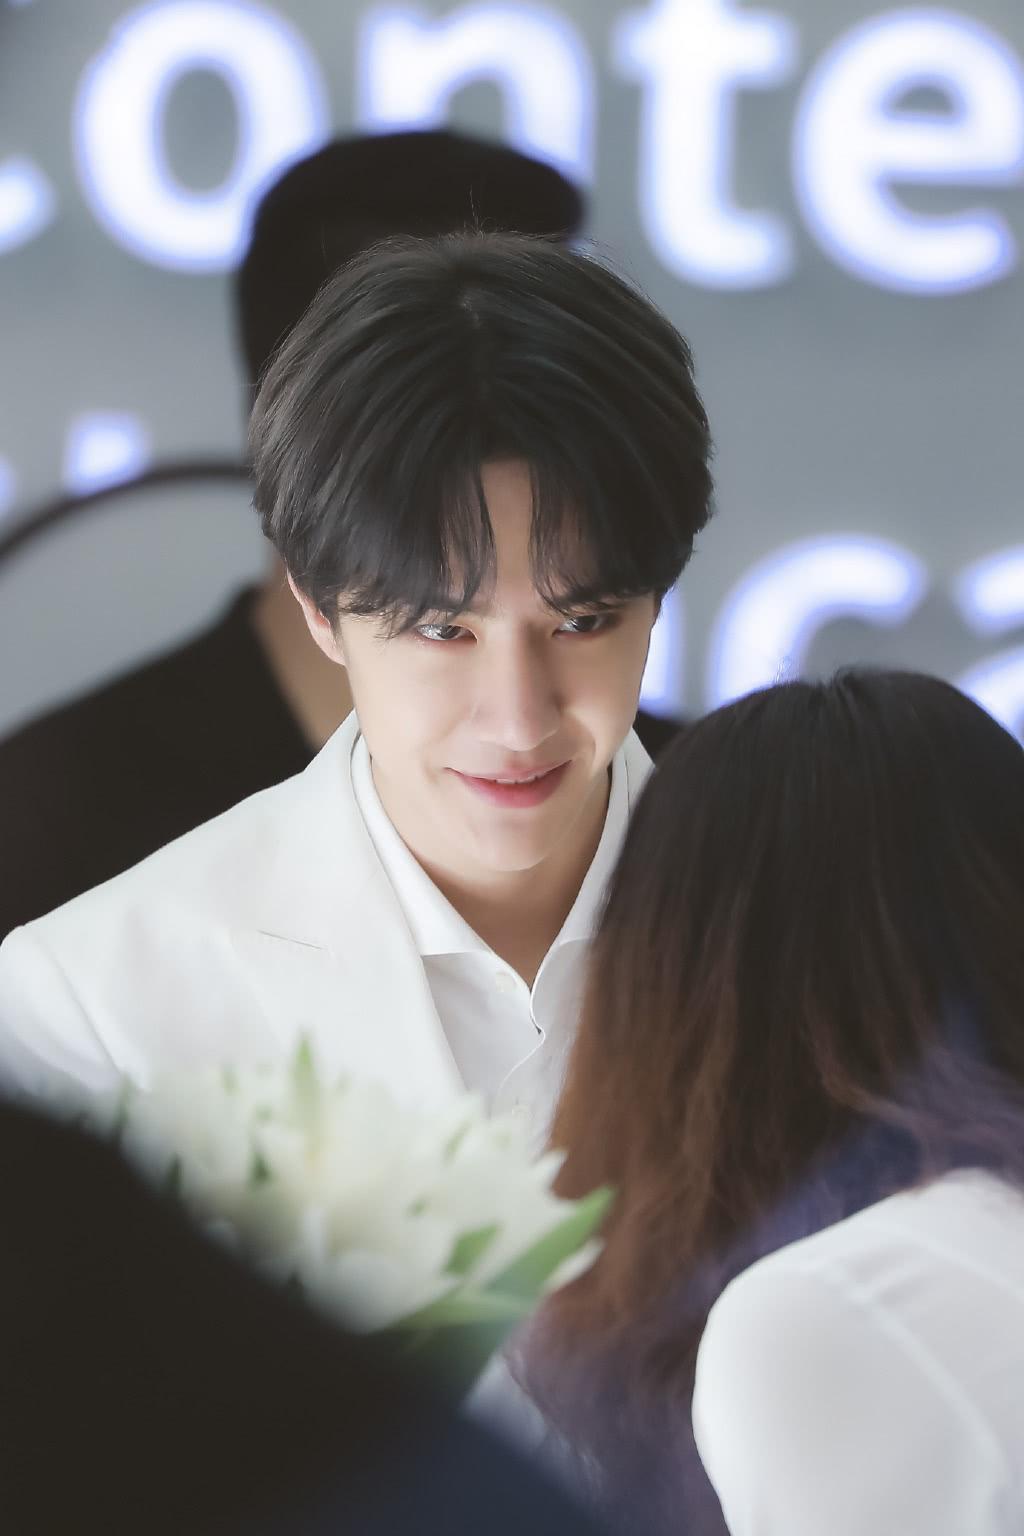 王一博参加活动现场照,白西装穿出王子感,笑起来的那刻我心动了